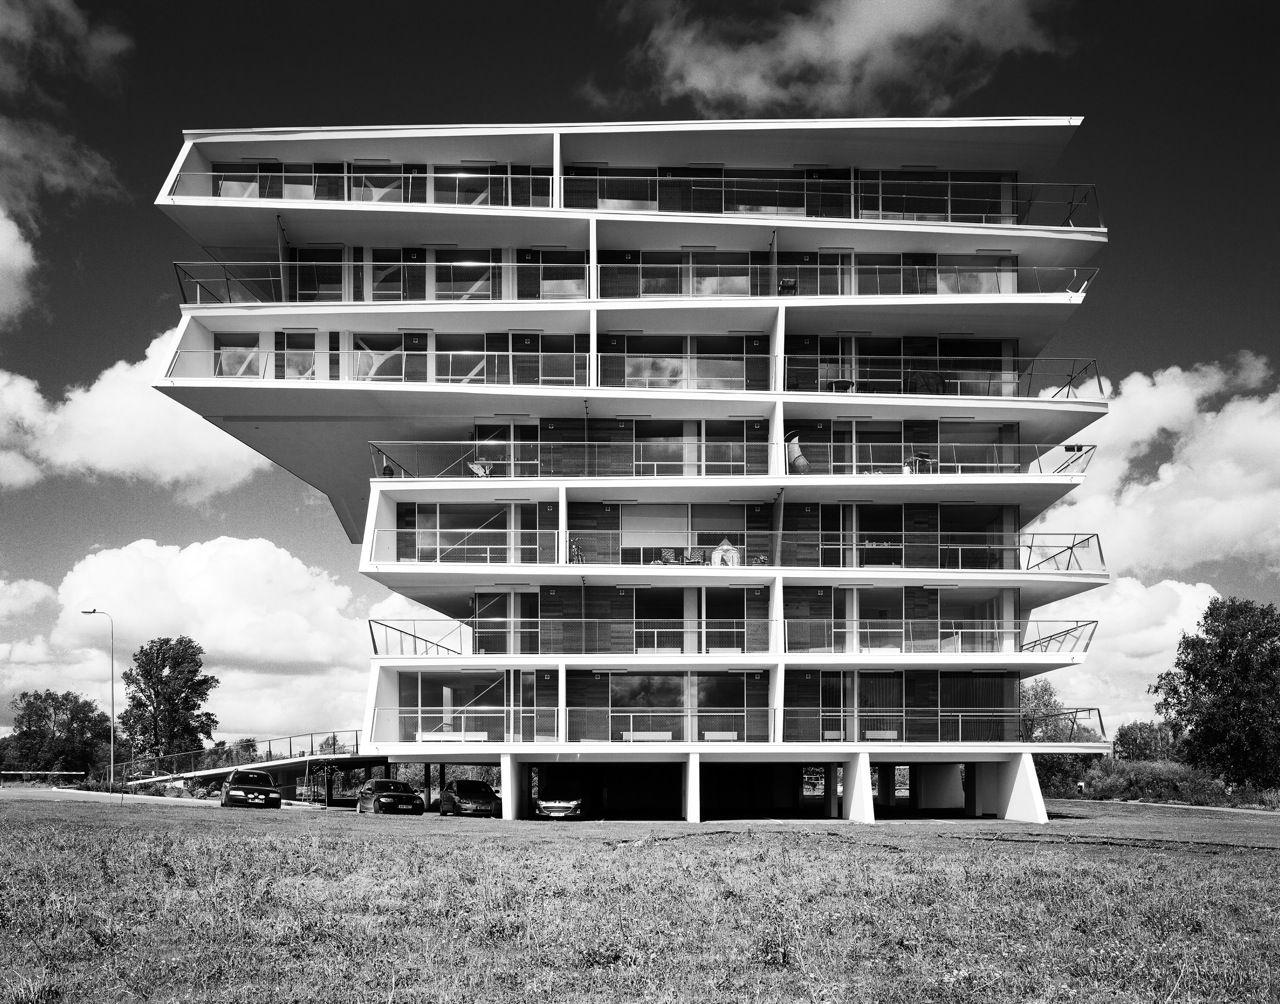 Le corbusier furniture celebrate le corbusier top 5 most famous works - Le Corbusier Architect